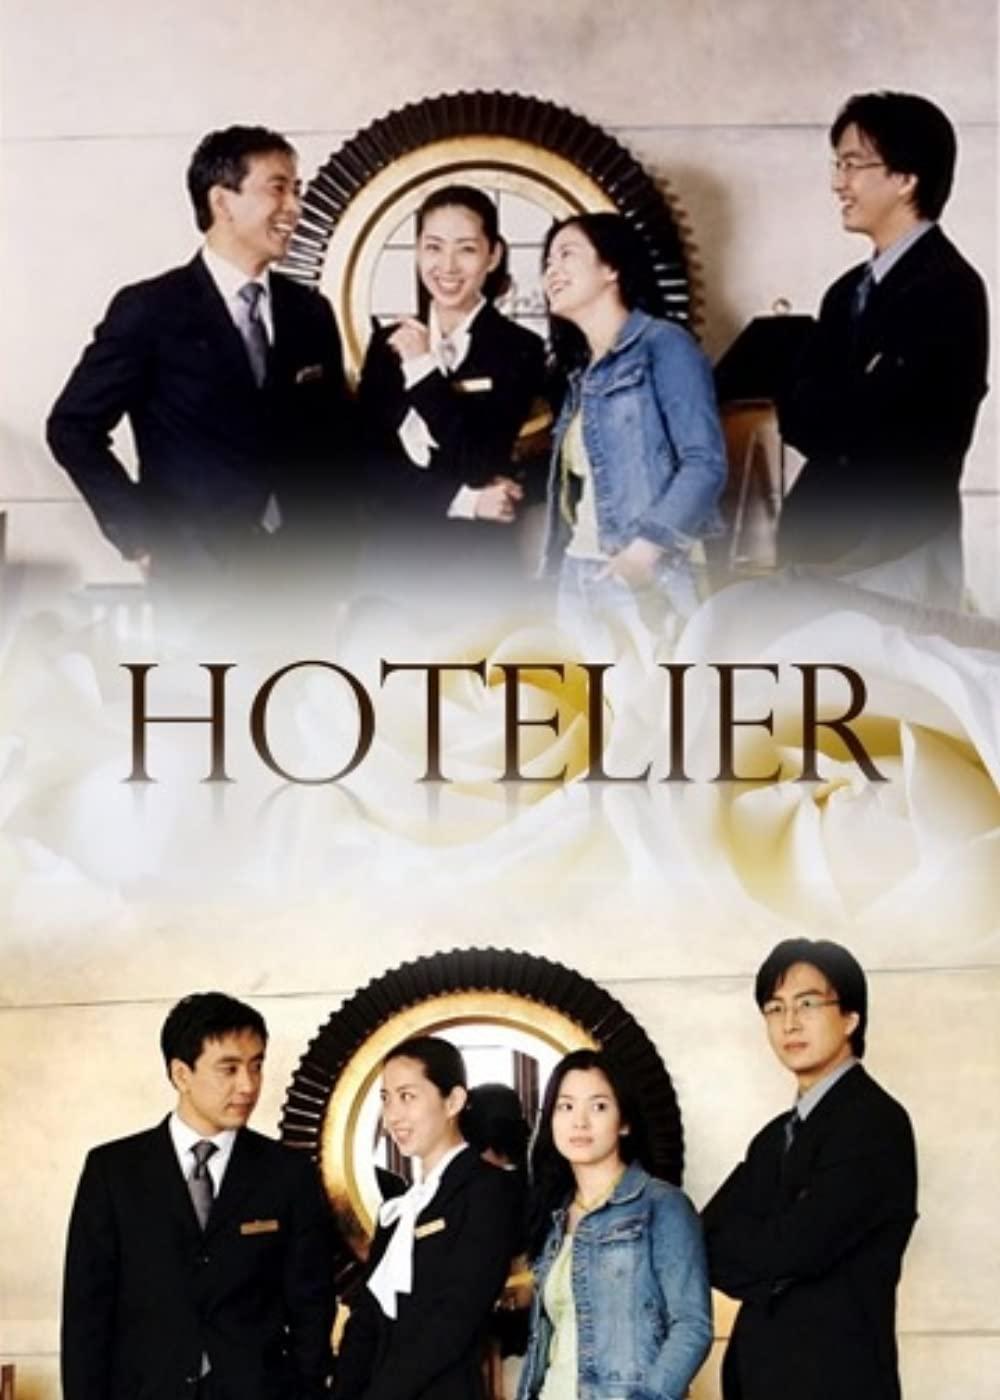 Người quản lý khách sạn - Hotelier (2001)